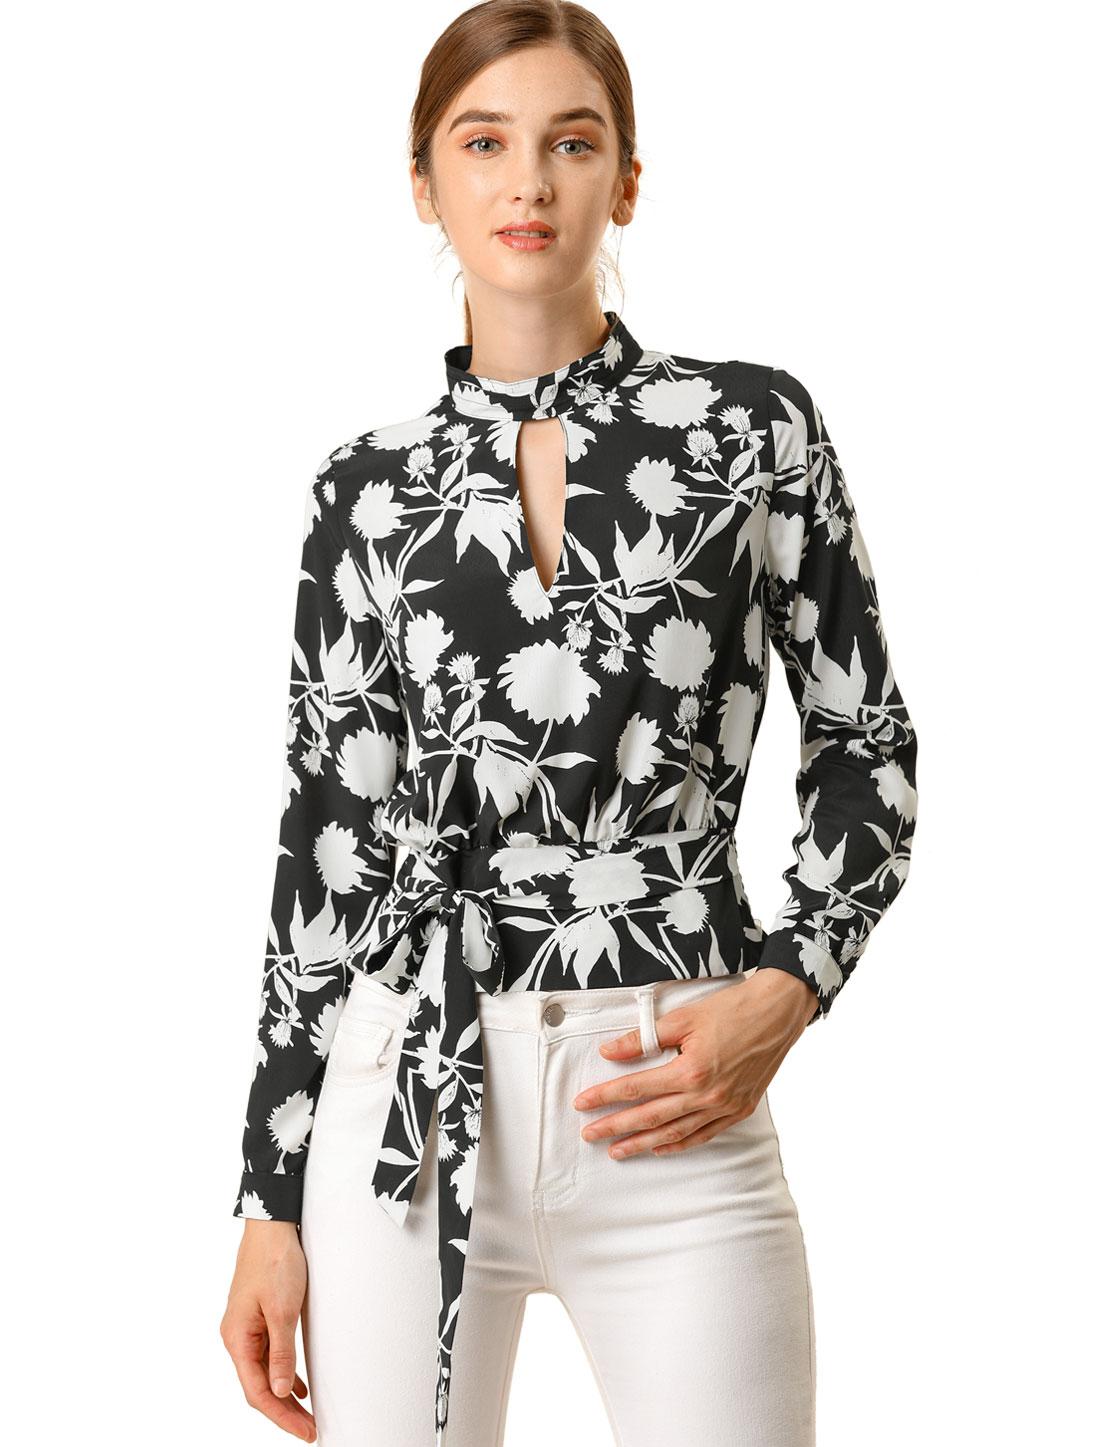 Allegra K Women's Choker V Neck Cropped Floral Blouse Tops Black M